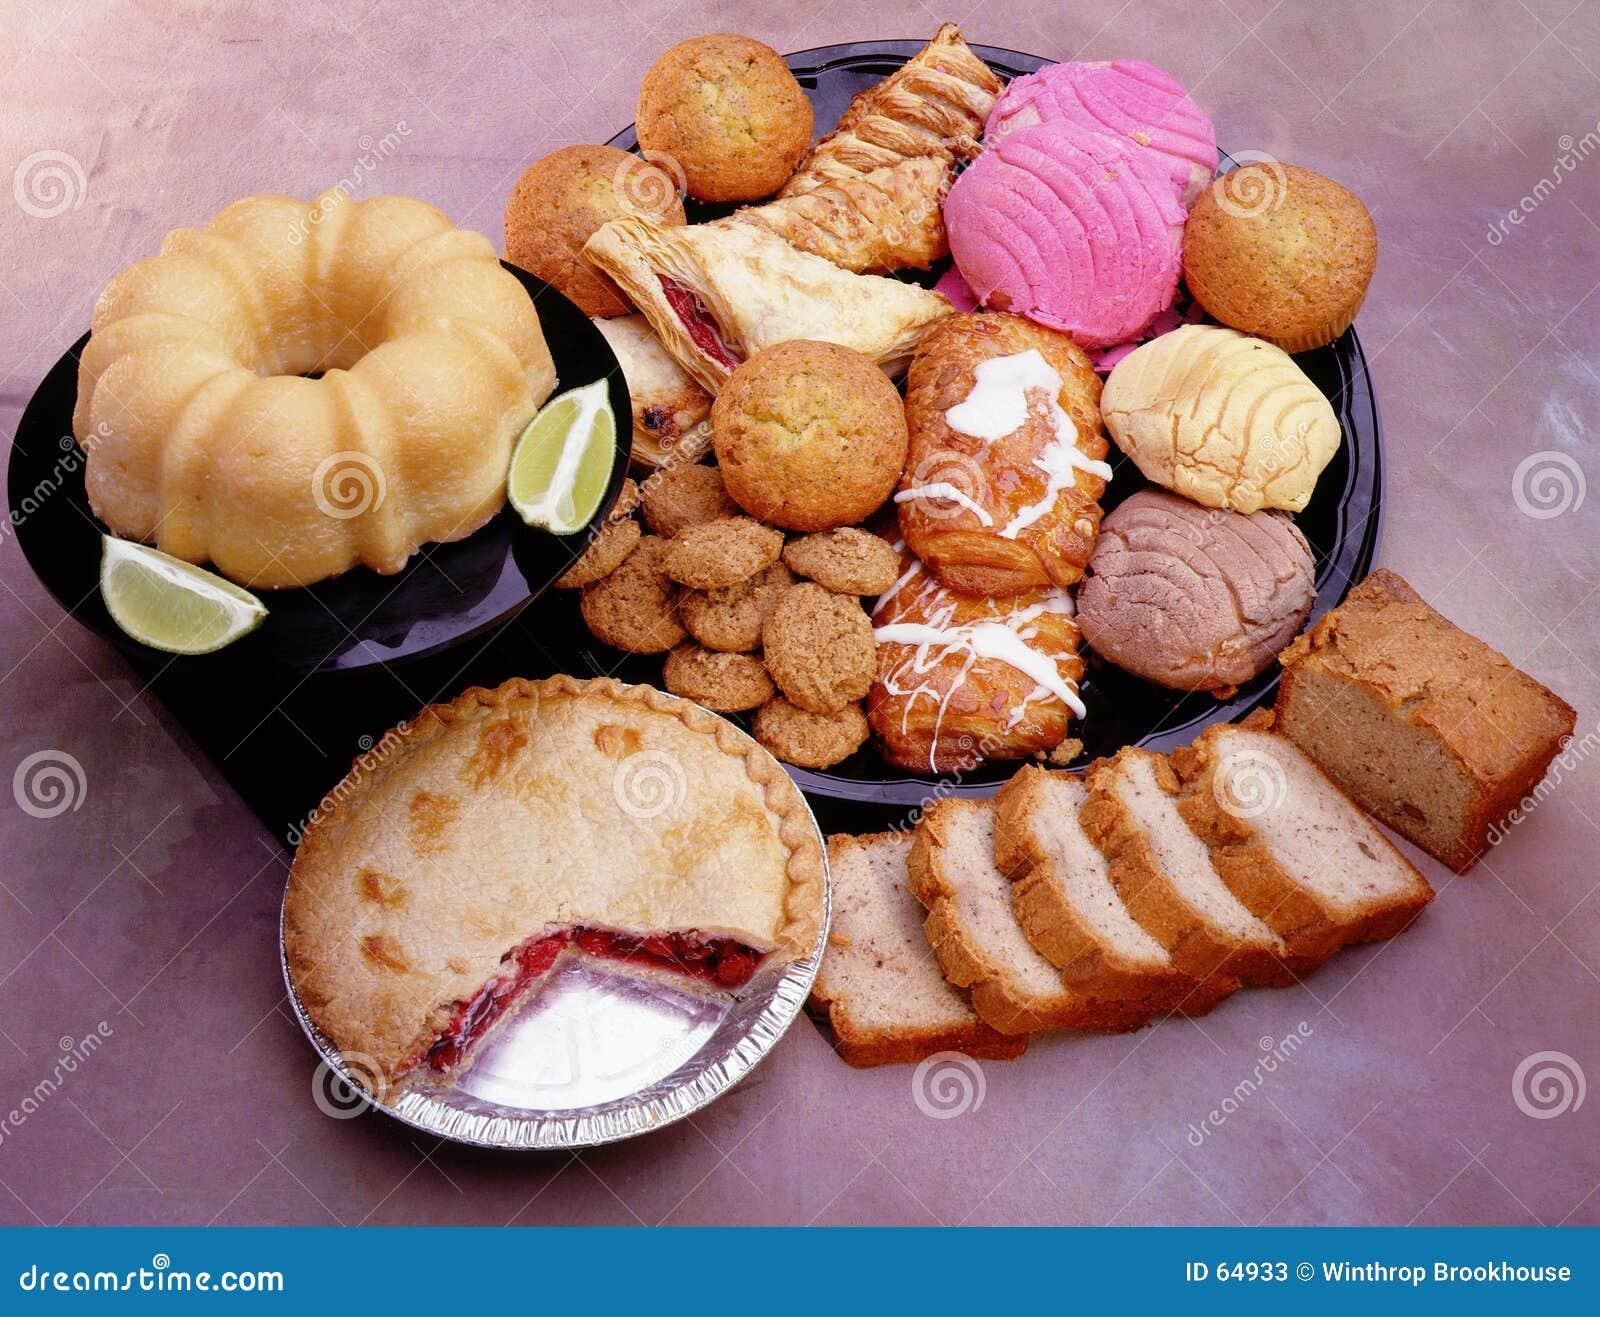 товары хлебопекарни